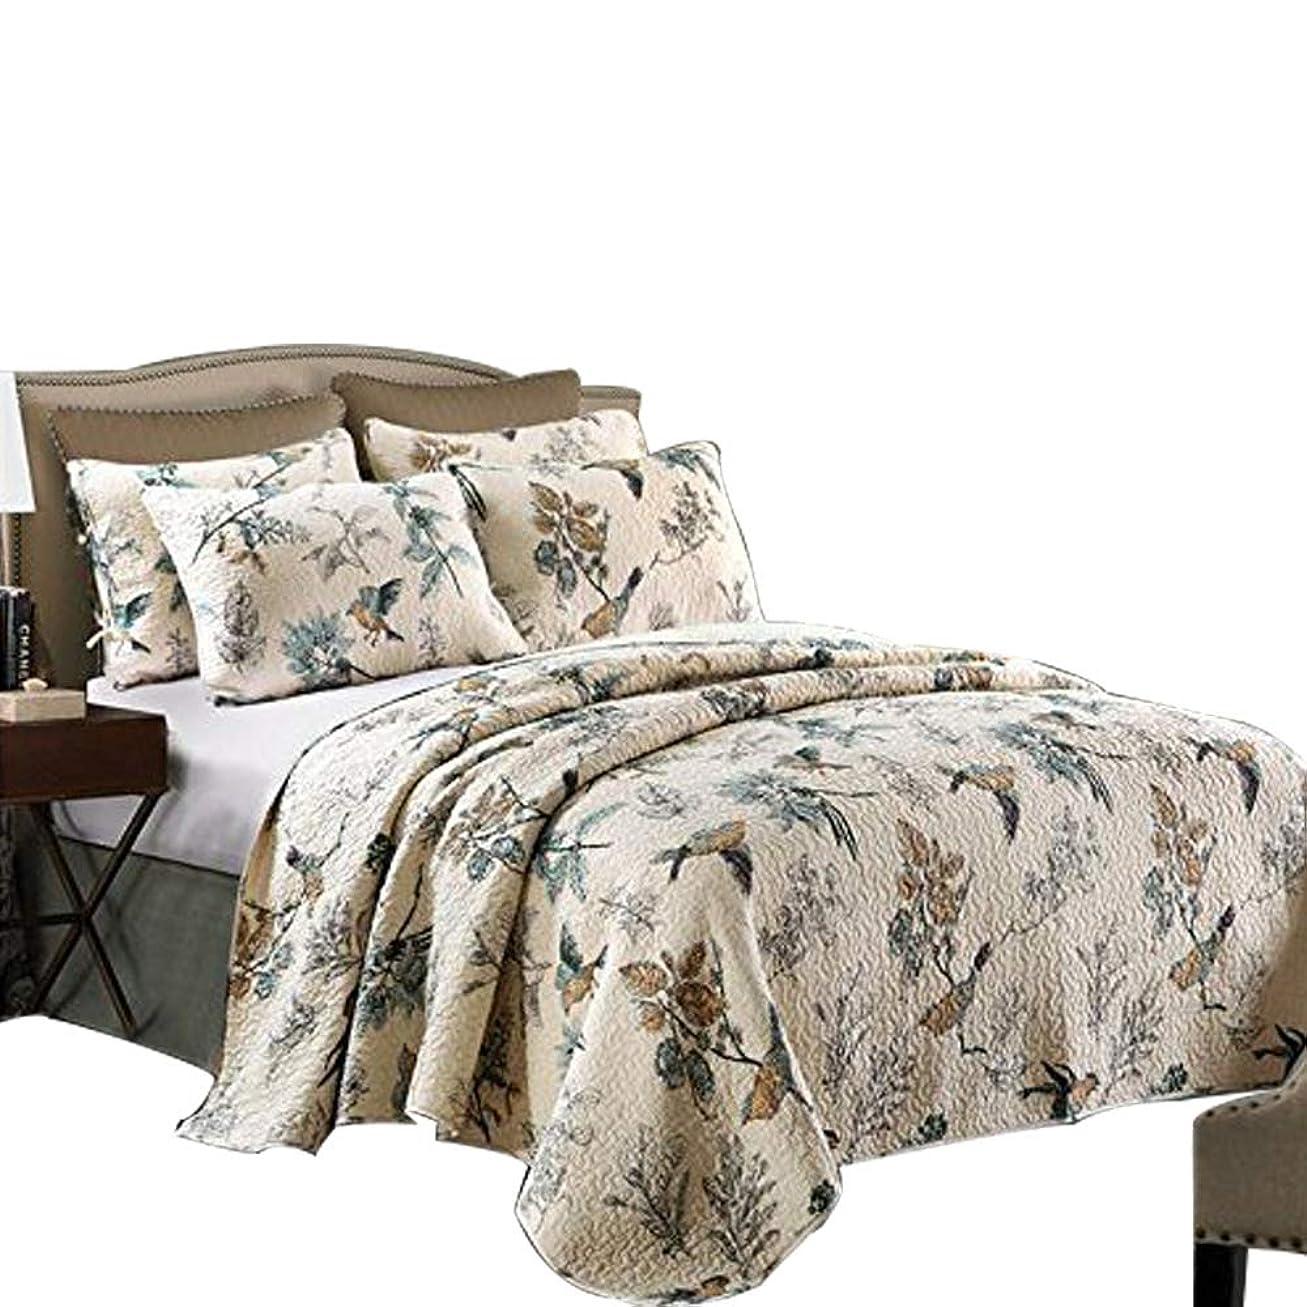 湿った不快な引退したベッドカバー ベッドスプレッド マルチ カバー キルト3点セット ダブル 綿100% (鳥柄, 230*250cm)